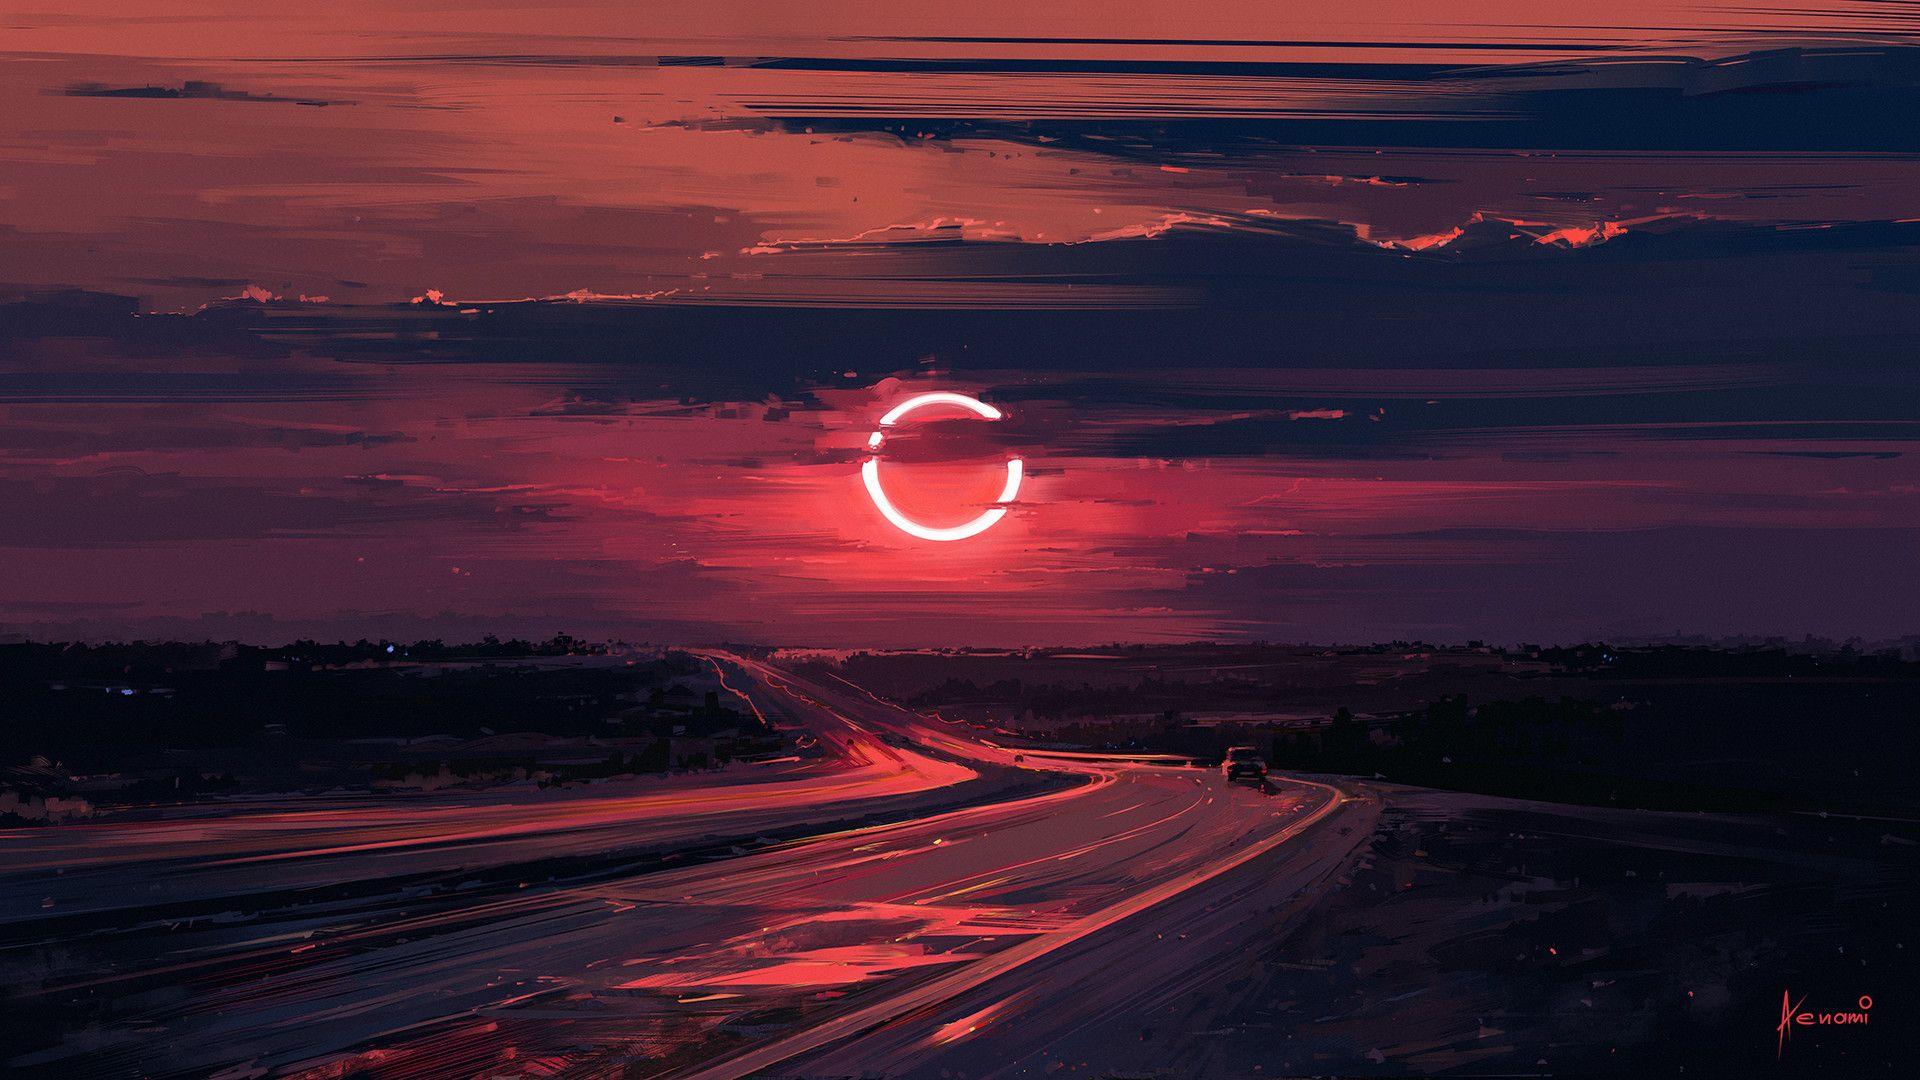 Sunset drive [1920x1080] (avec images) Fond d'écran